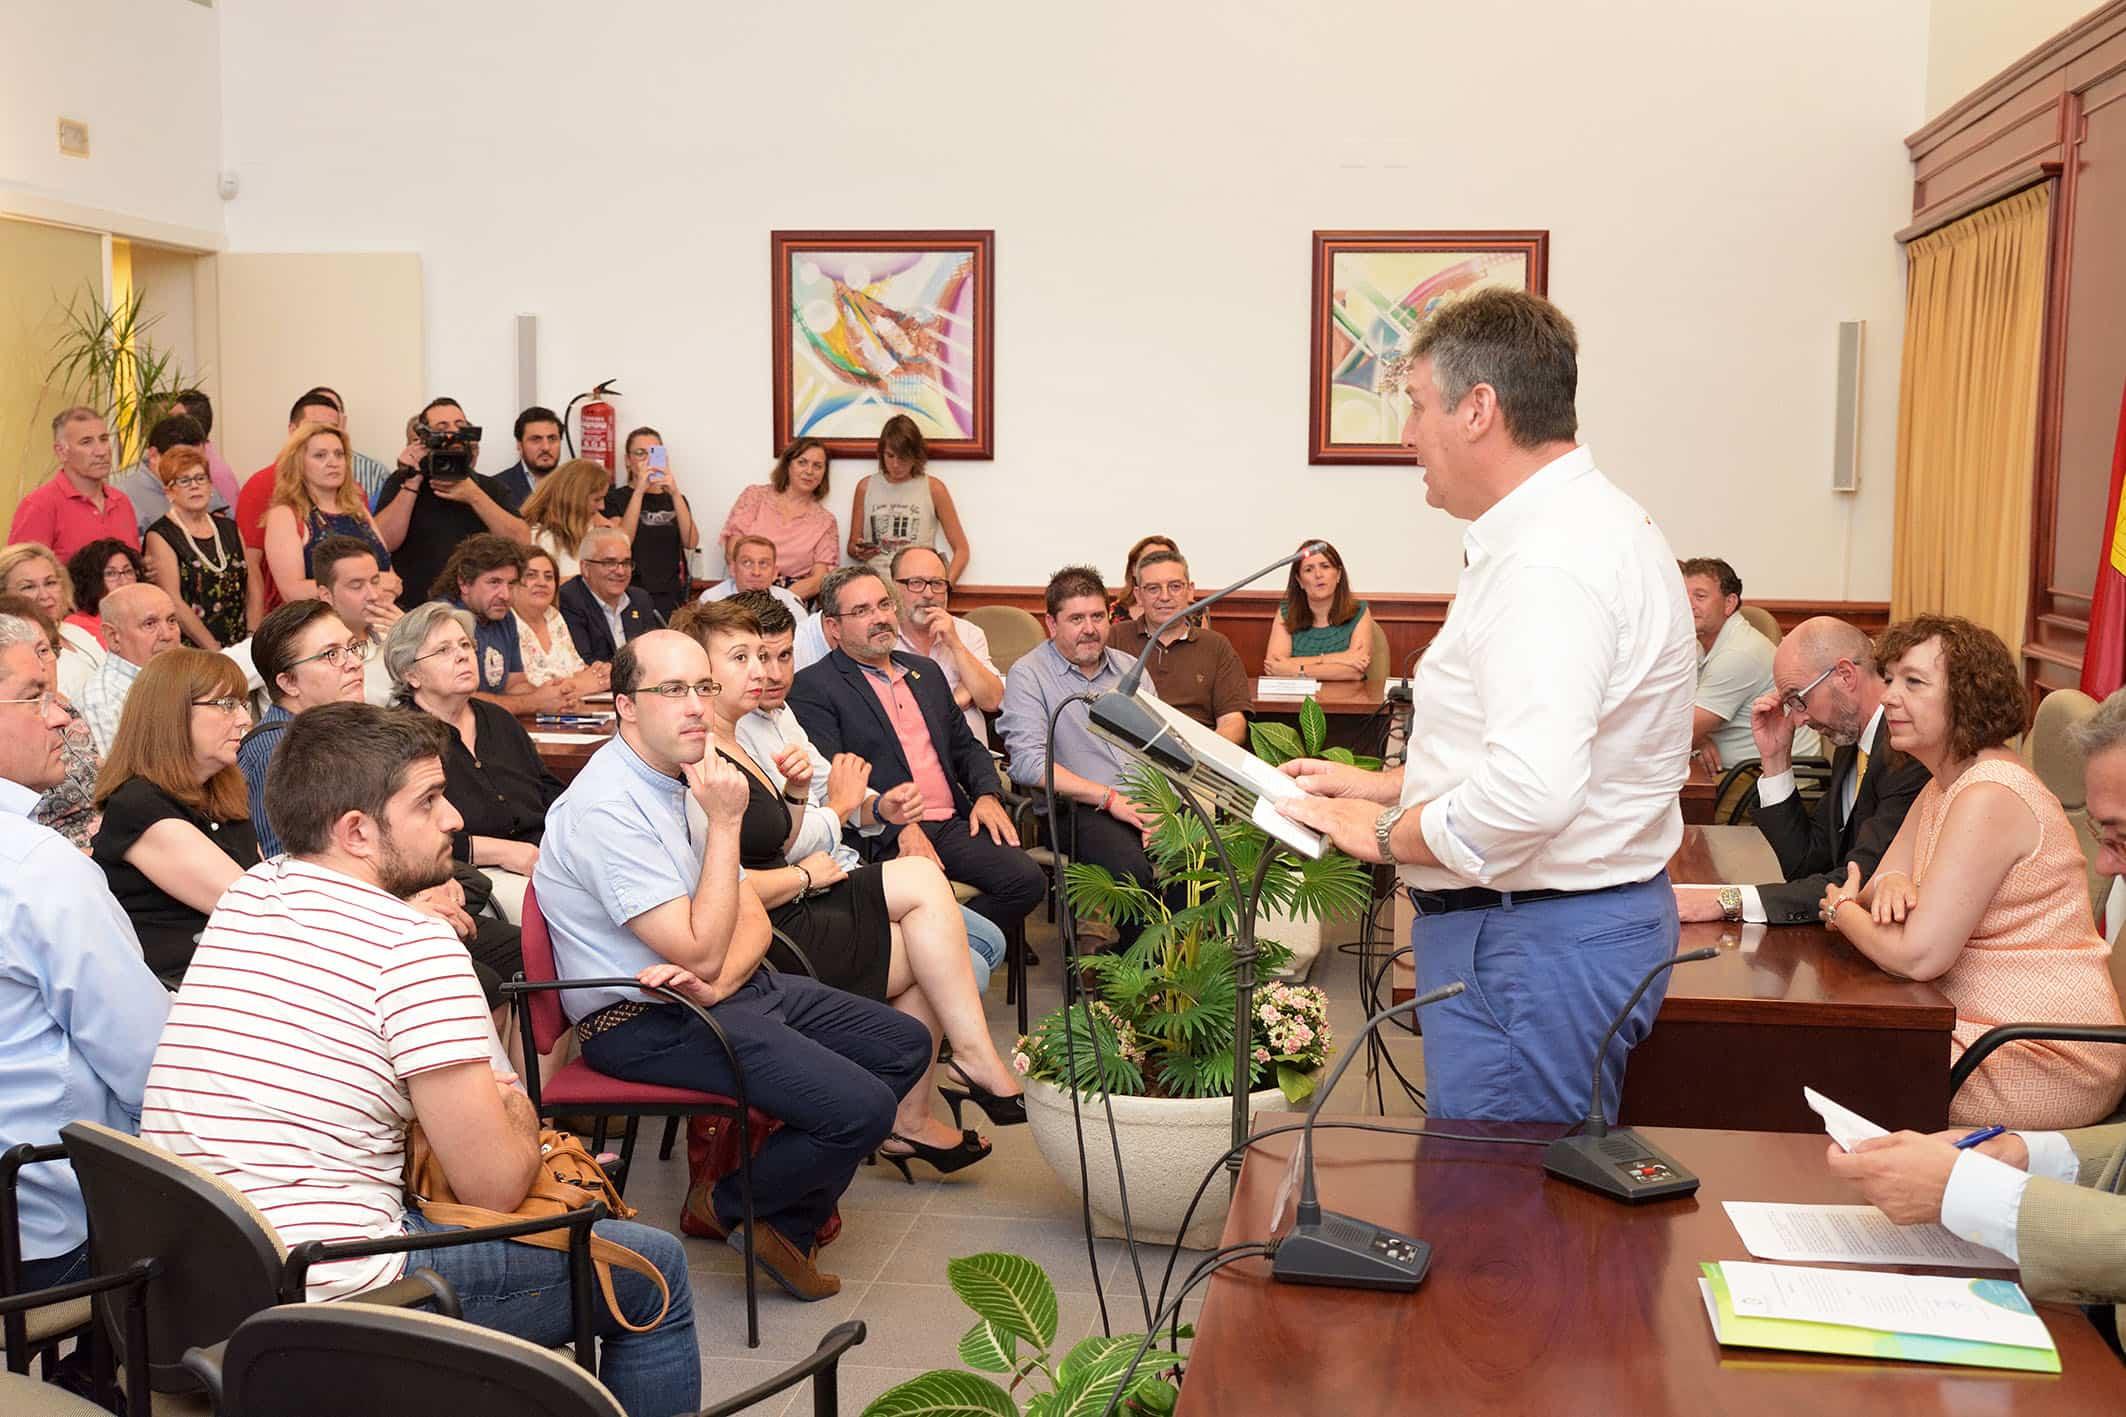 20190724 Constitucion nueva corporacion006 Comsermancha - Constituida la nueva corporación de Comsermancha